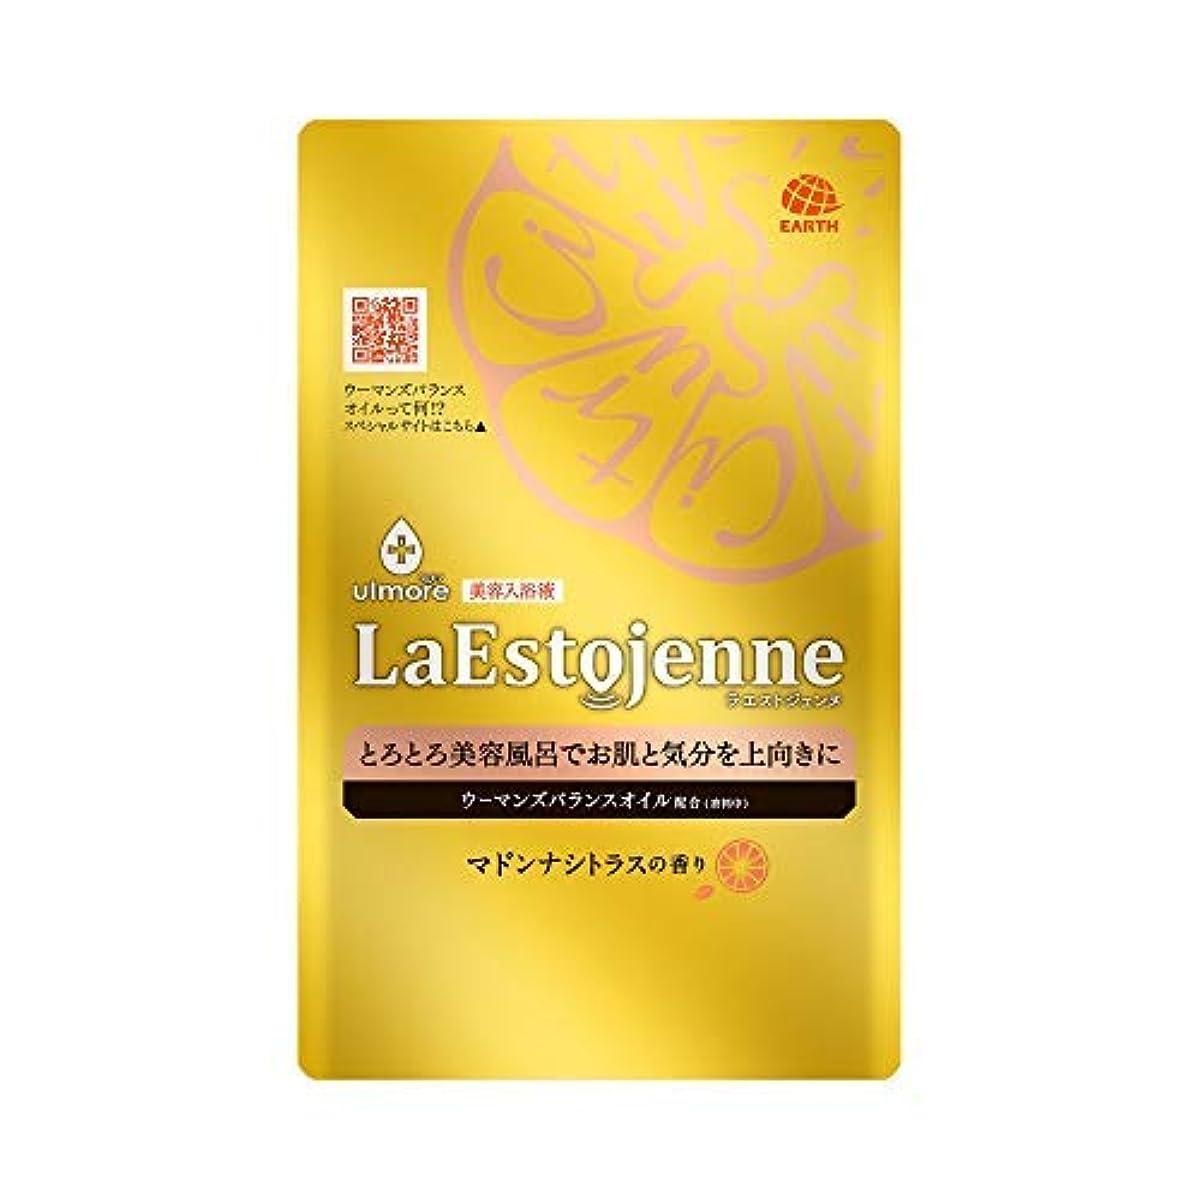 腰伝える雇用ウルモア ラエストジェンヌ マドンナシトラスの香り 1包 × 2個セット